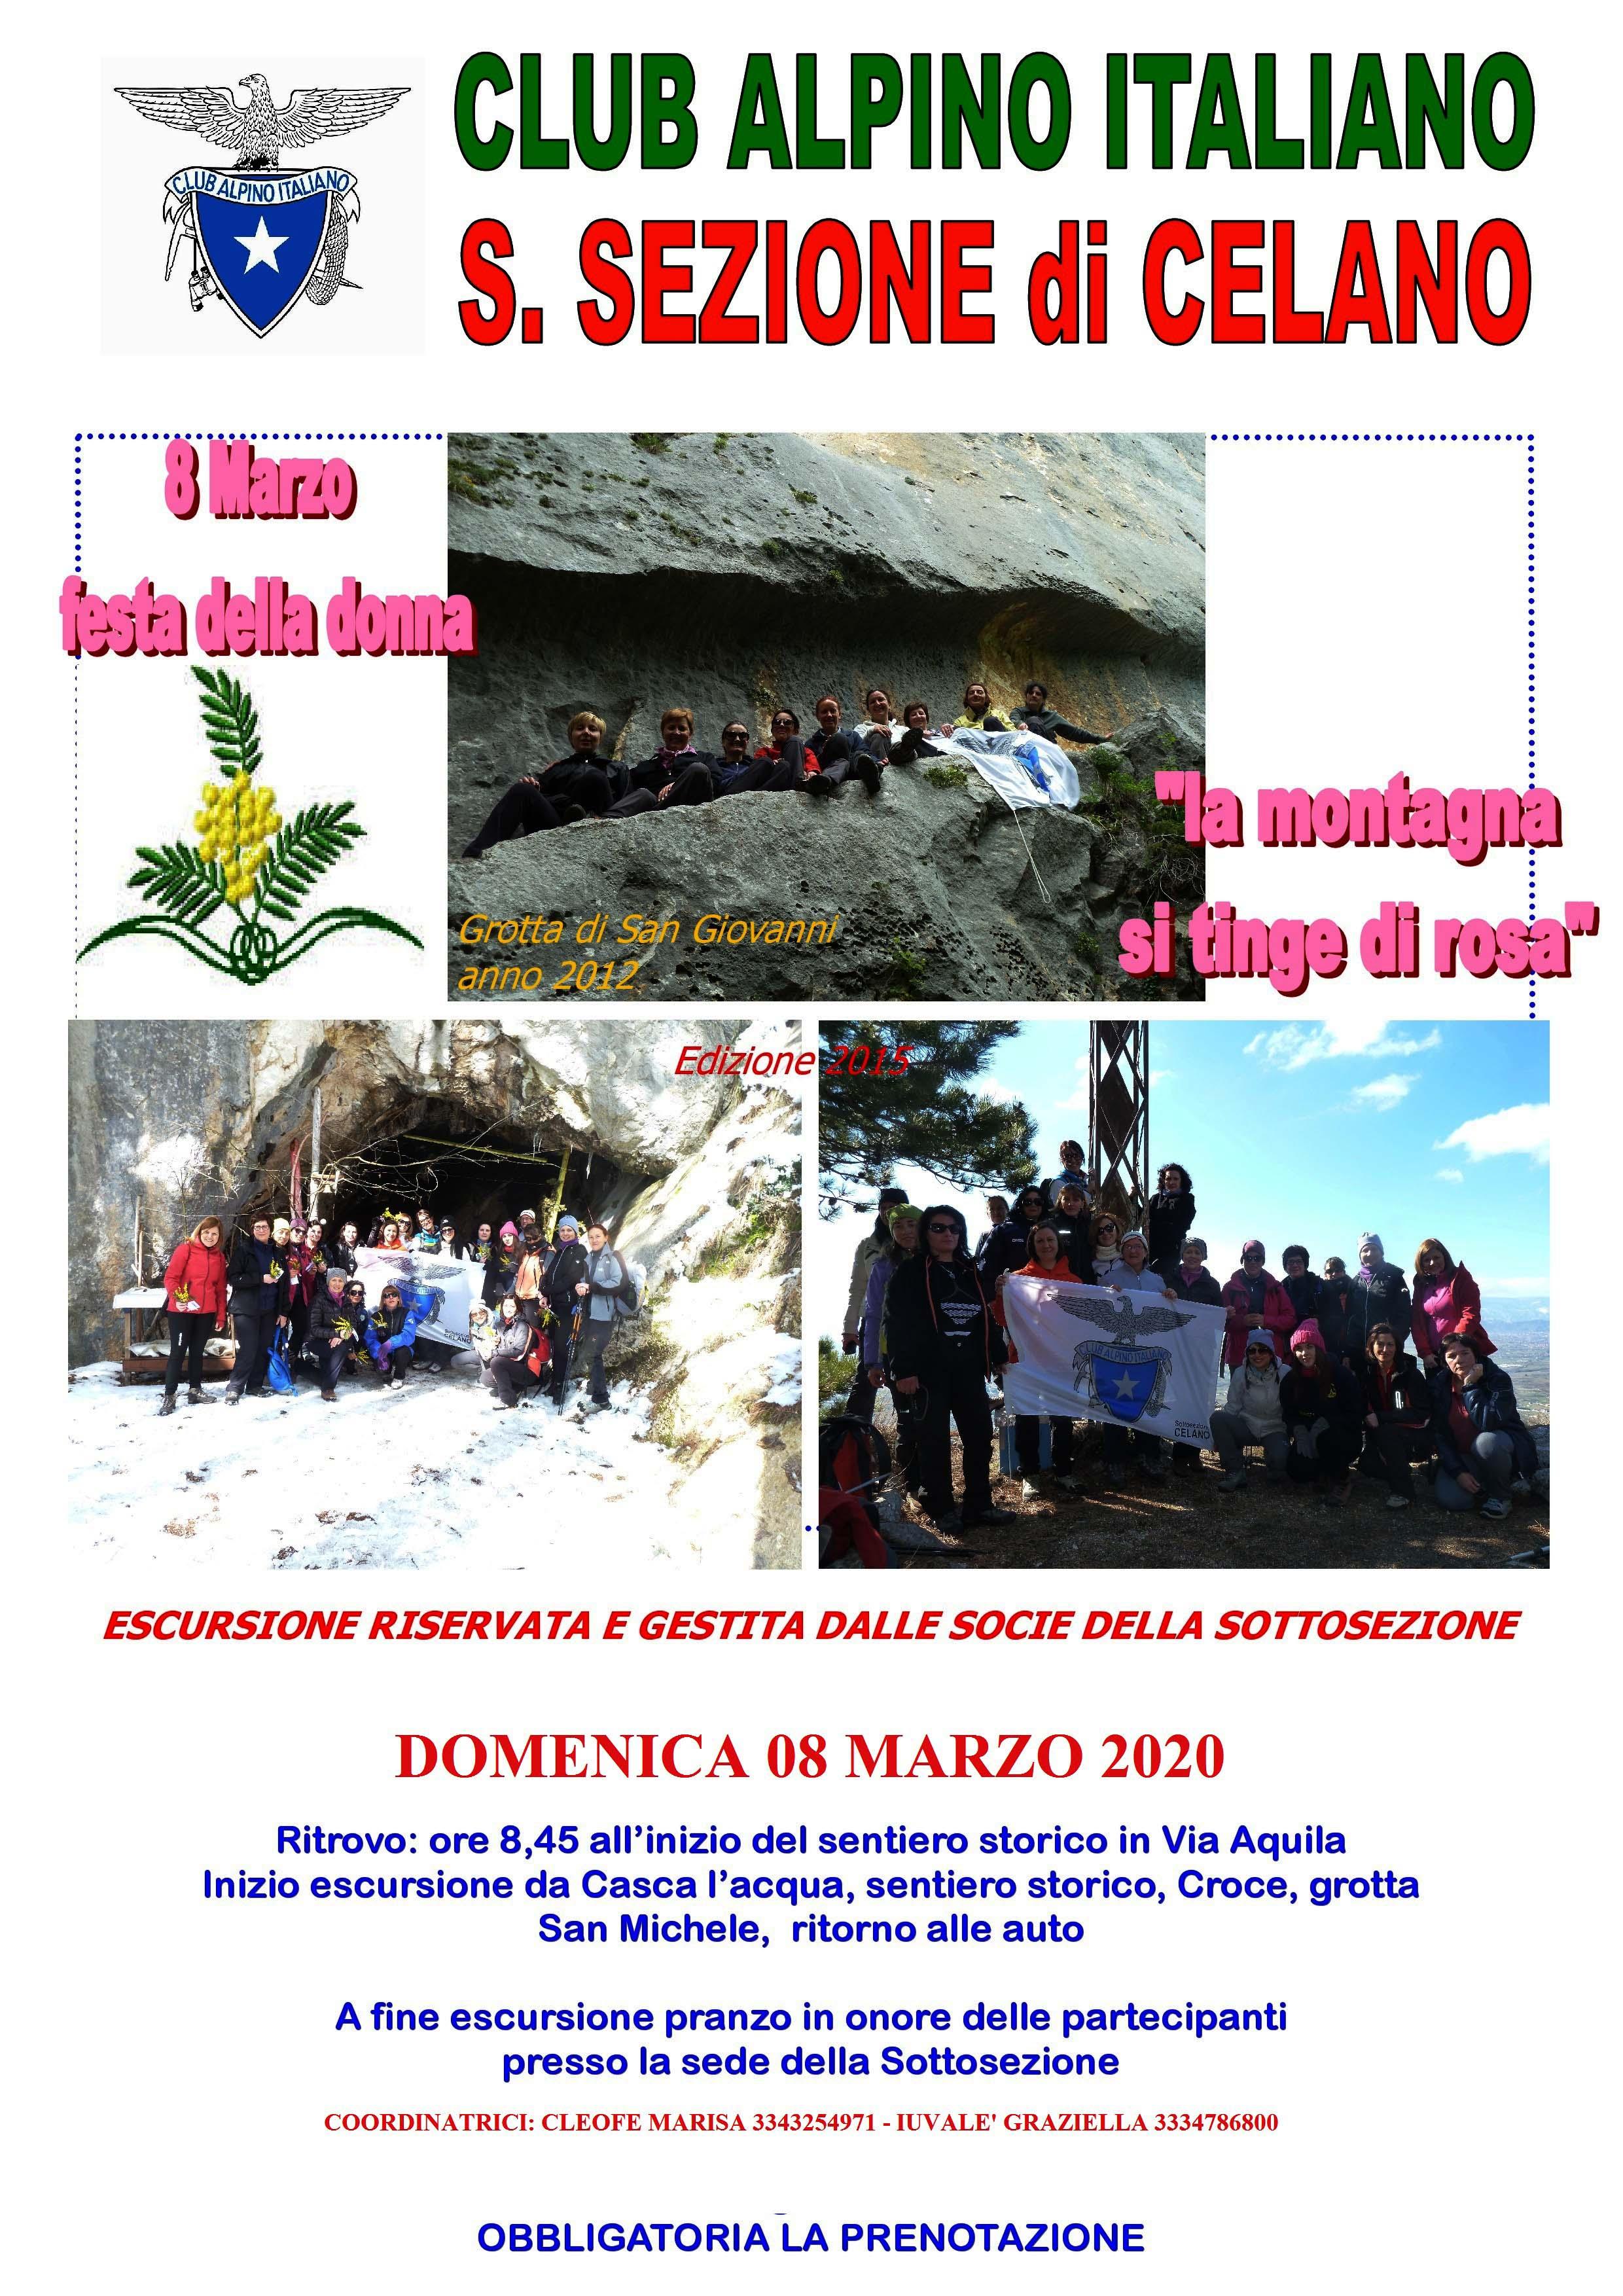 Domenica 8 Marzo 2020 : LA MONTAGNA SI TINGE DI ROSA!